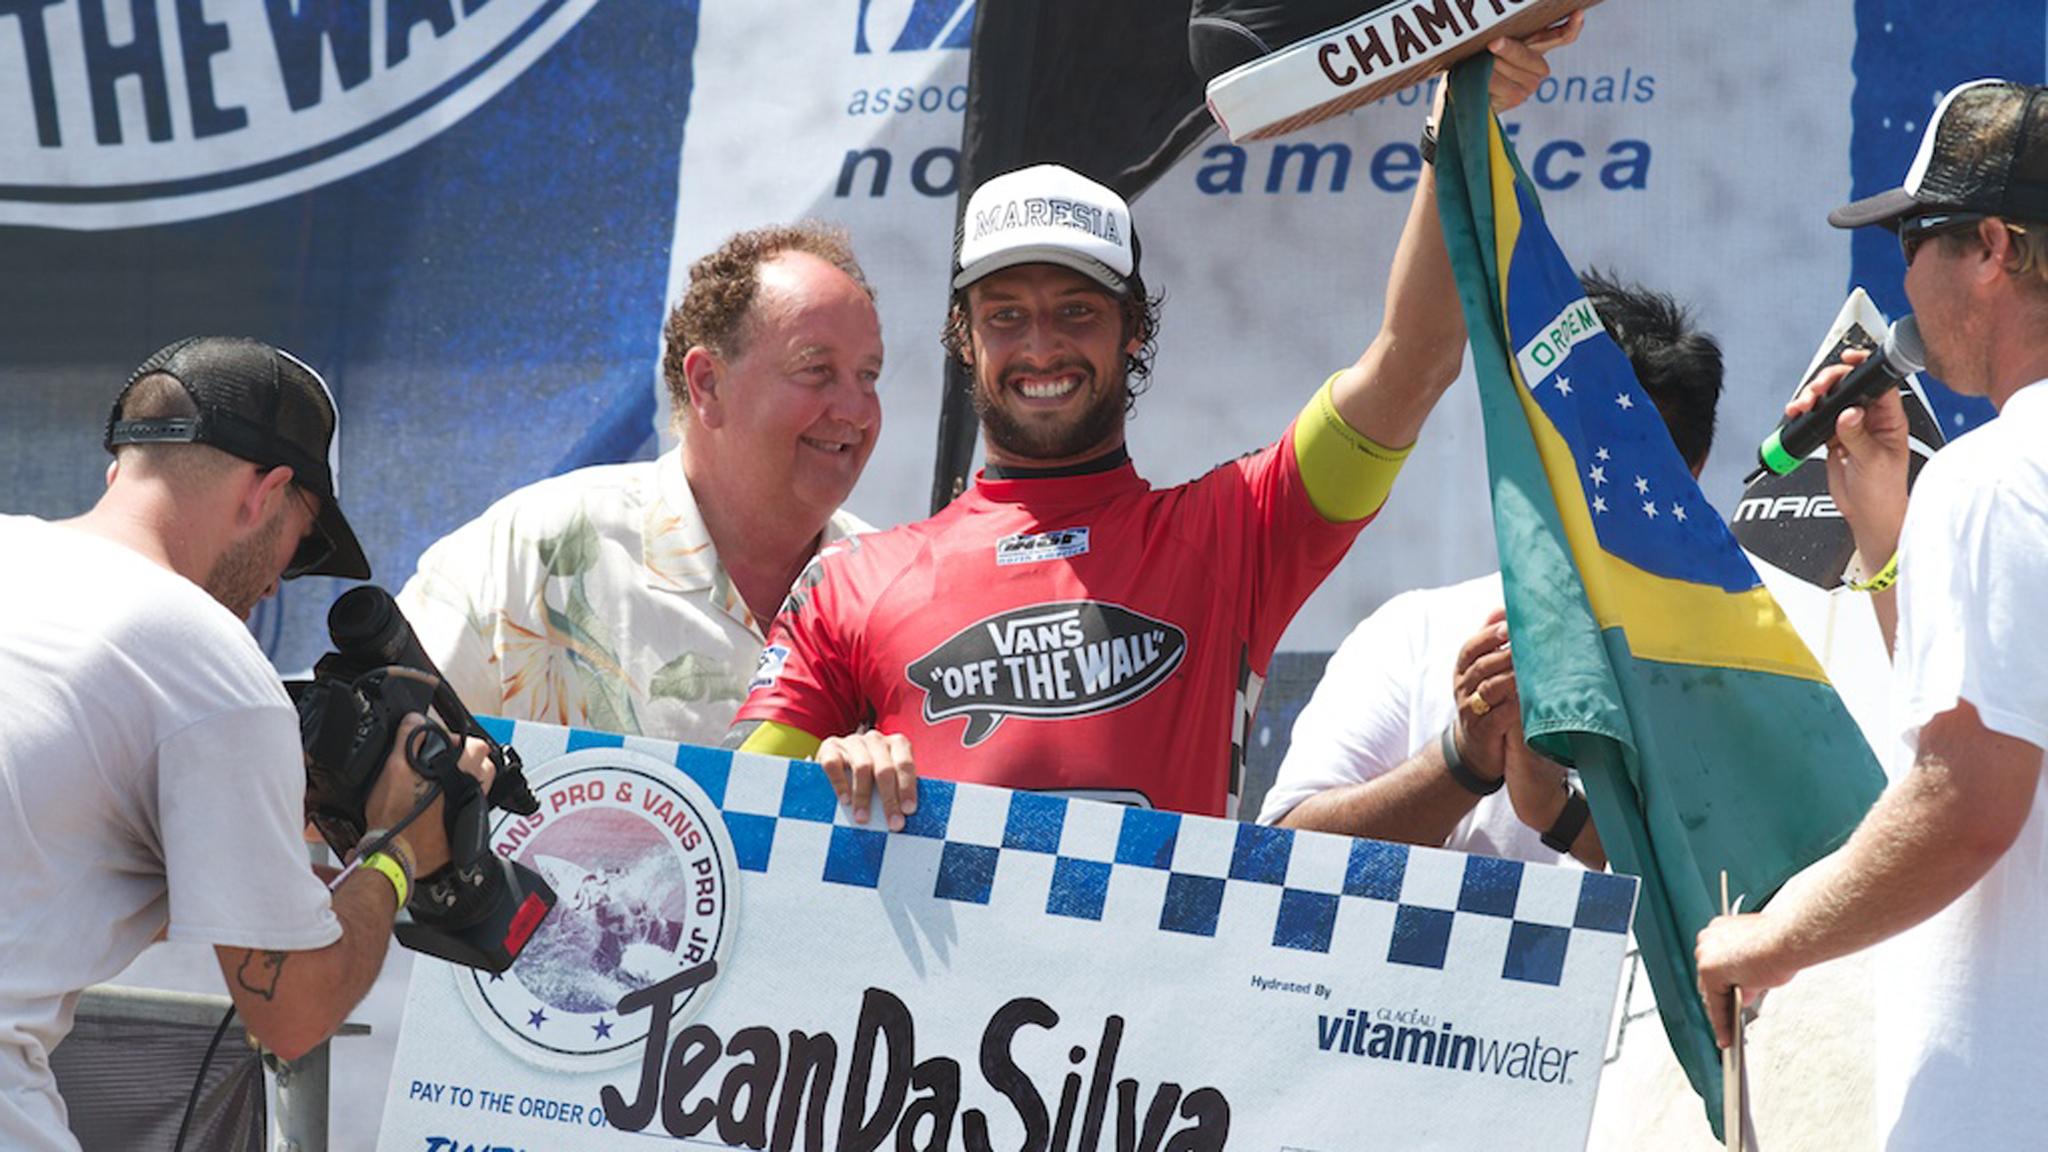 Jean Da Silva